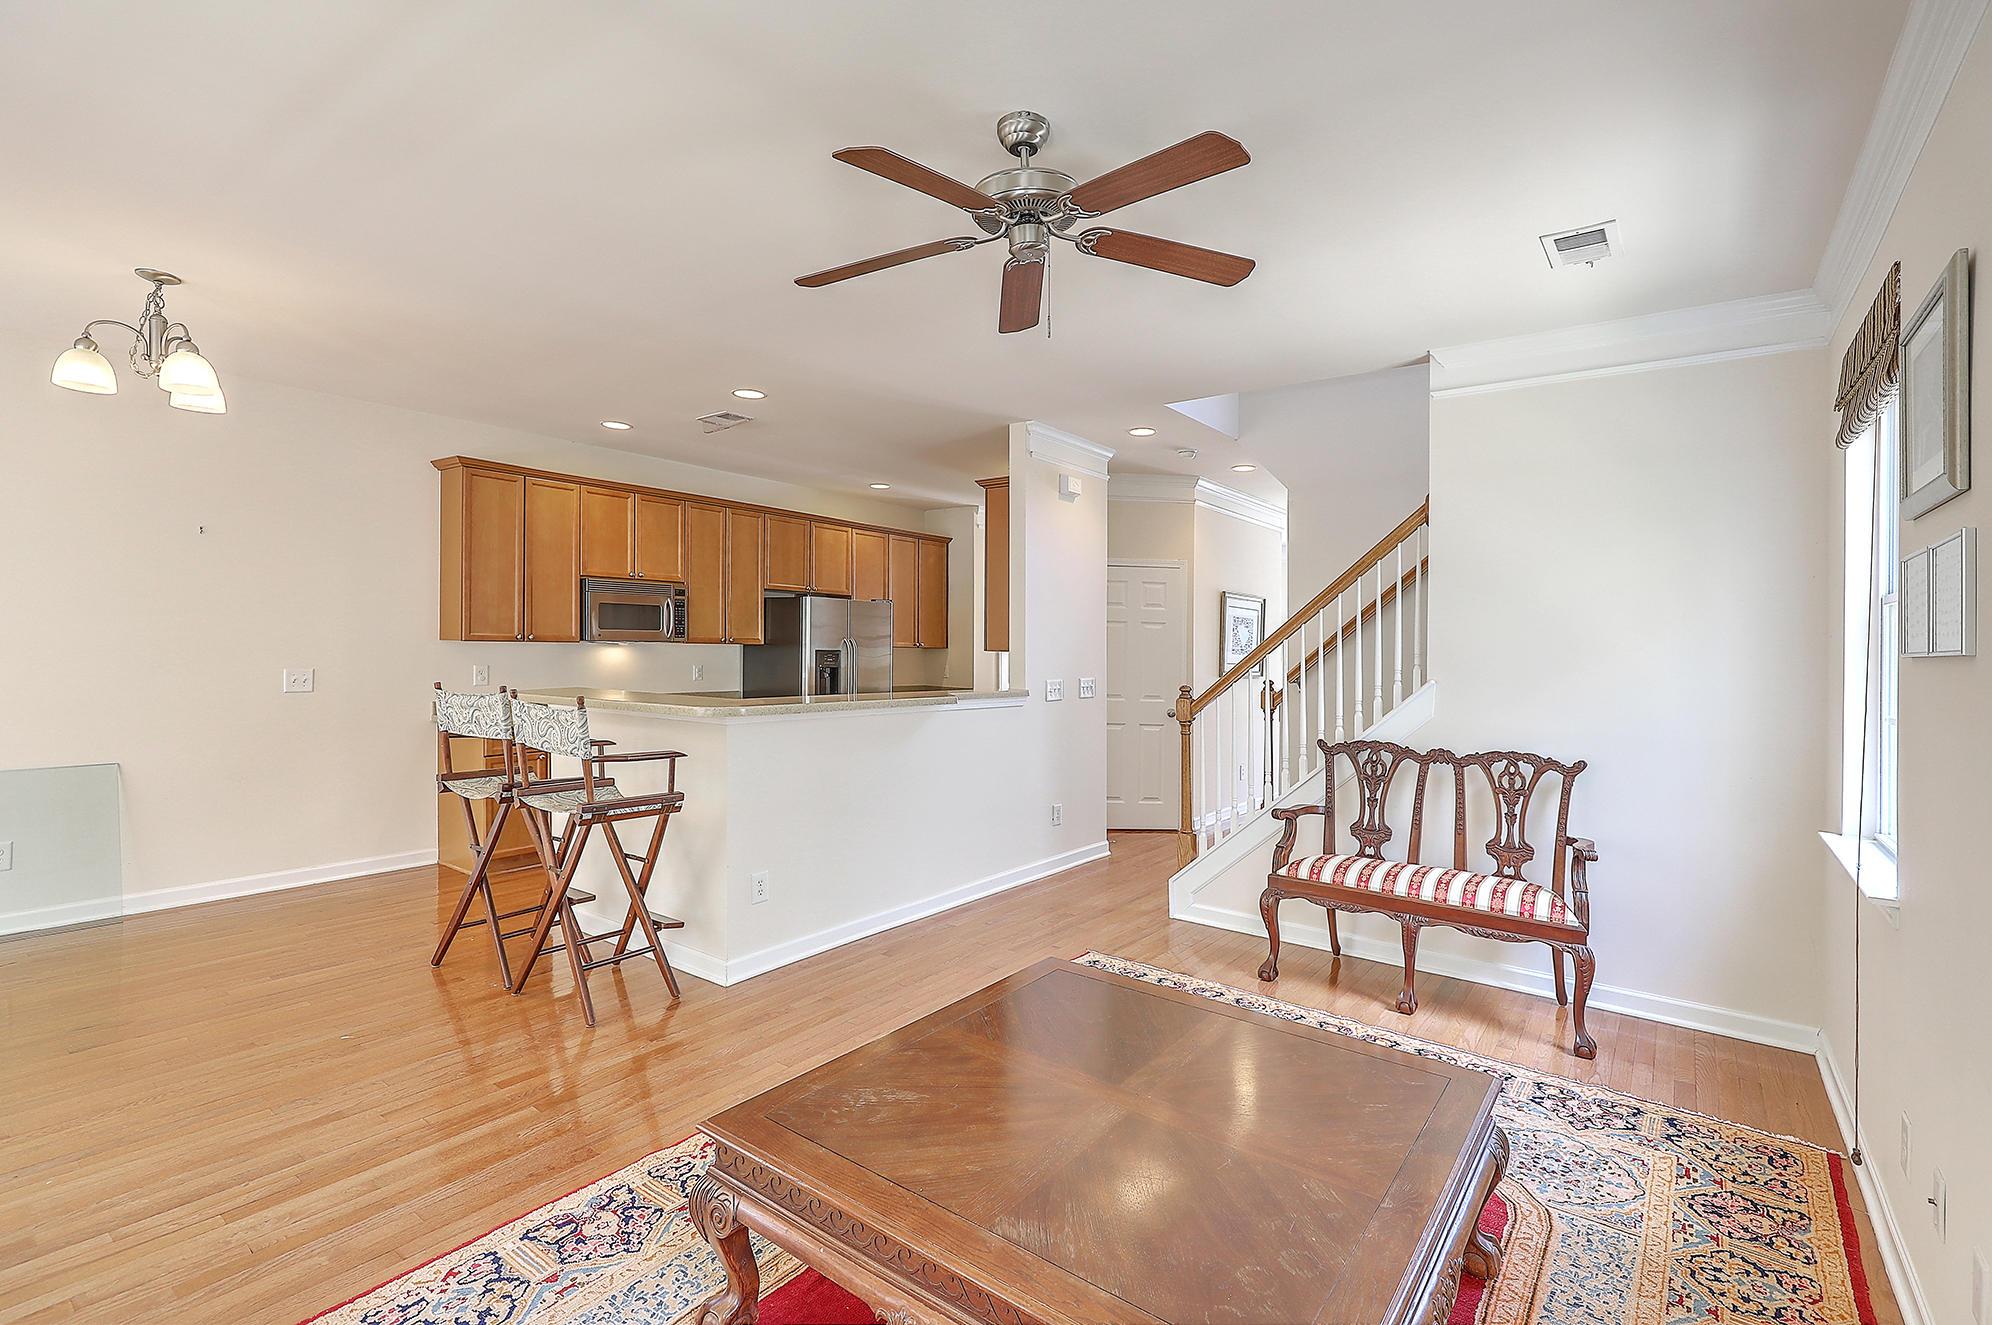 Kensington at Park West Homes For Sale - 3521 Claremont, Mount Pleasant, SC - 16